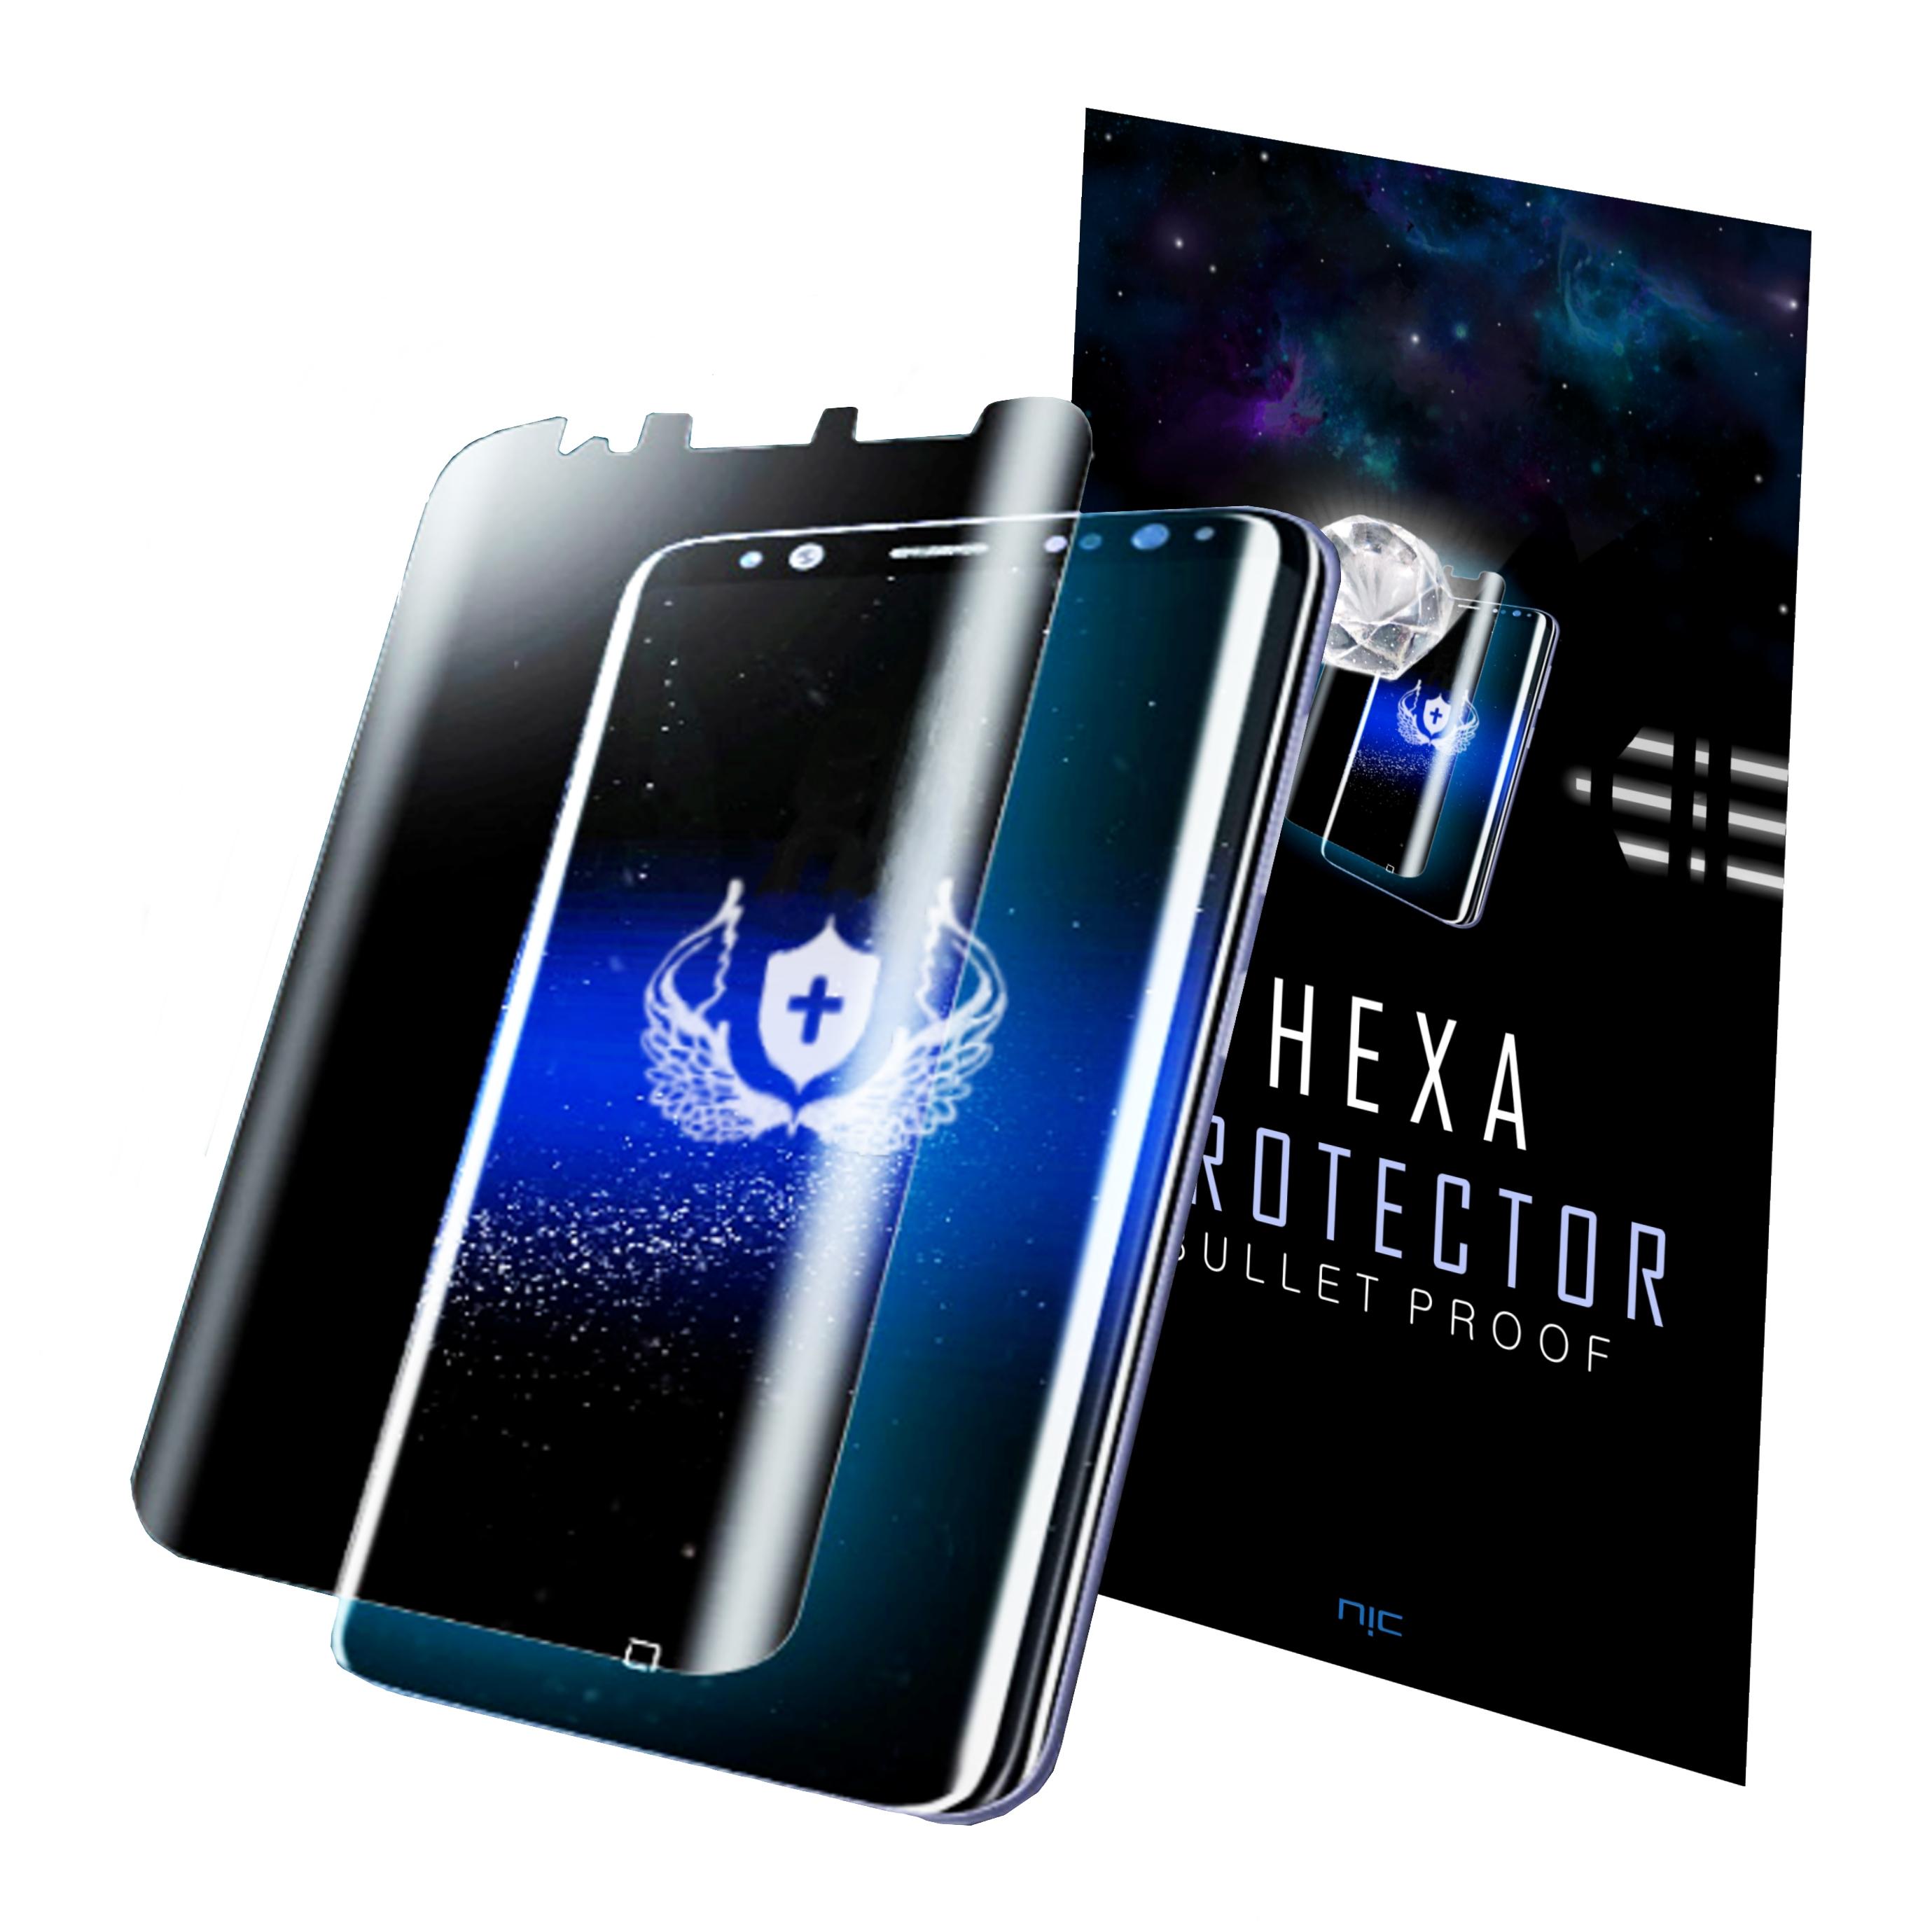 헥사 프로텍터 곡면 풀커버 휴대폰 액정보호필름, 3매입